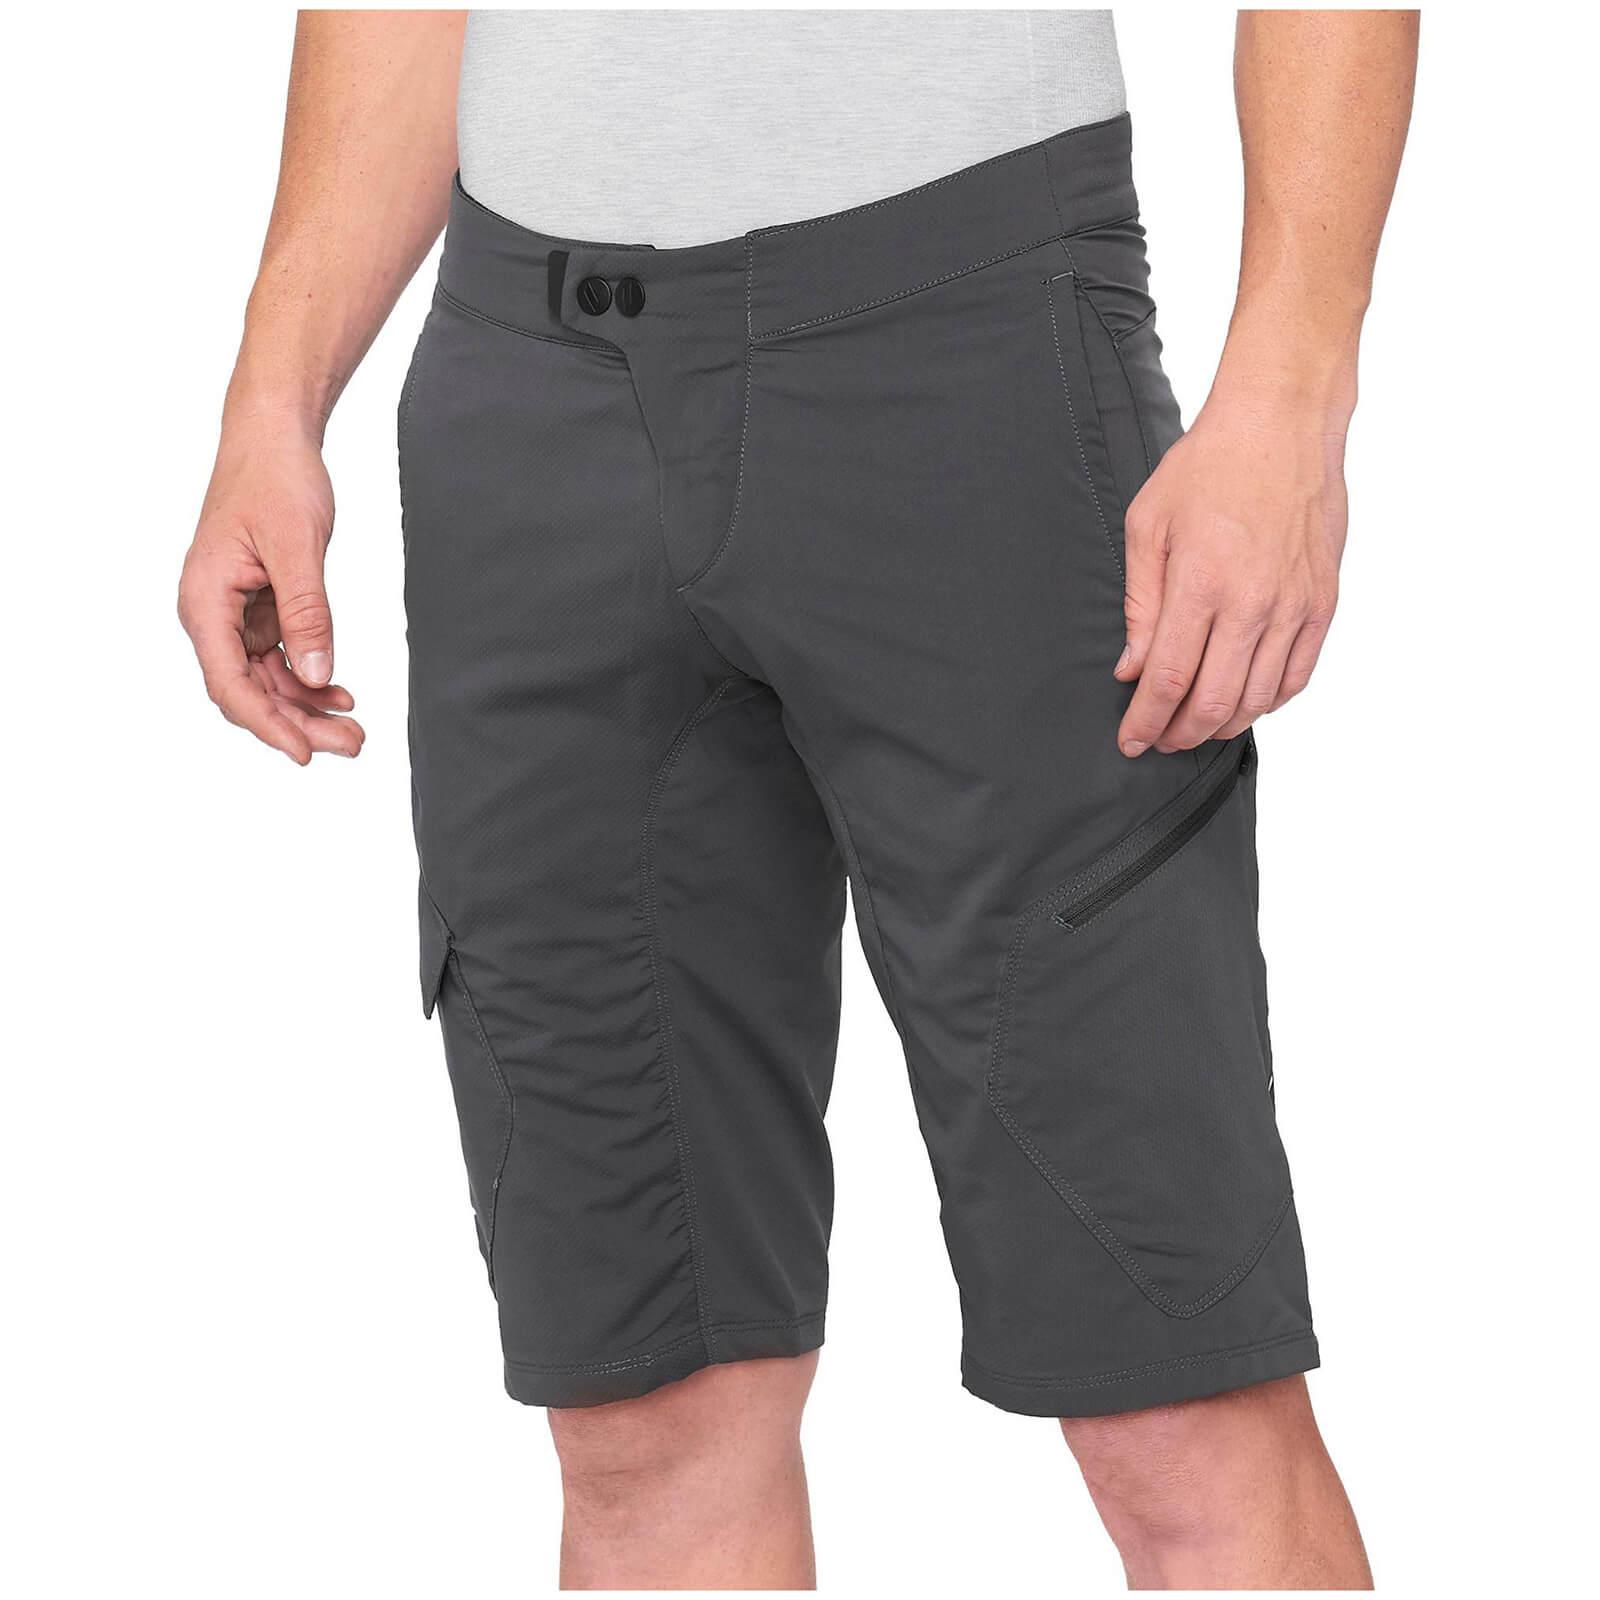 100% Ridecamp Mtb Shorts - 34 - Charcoal